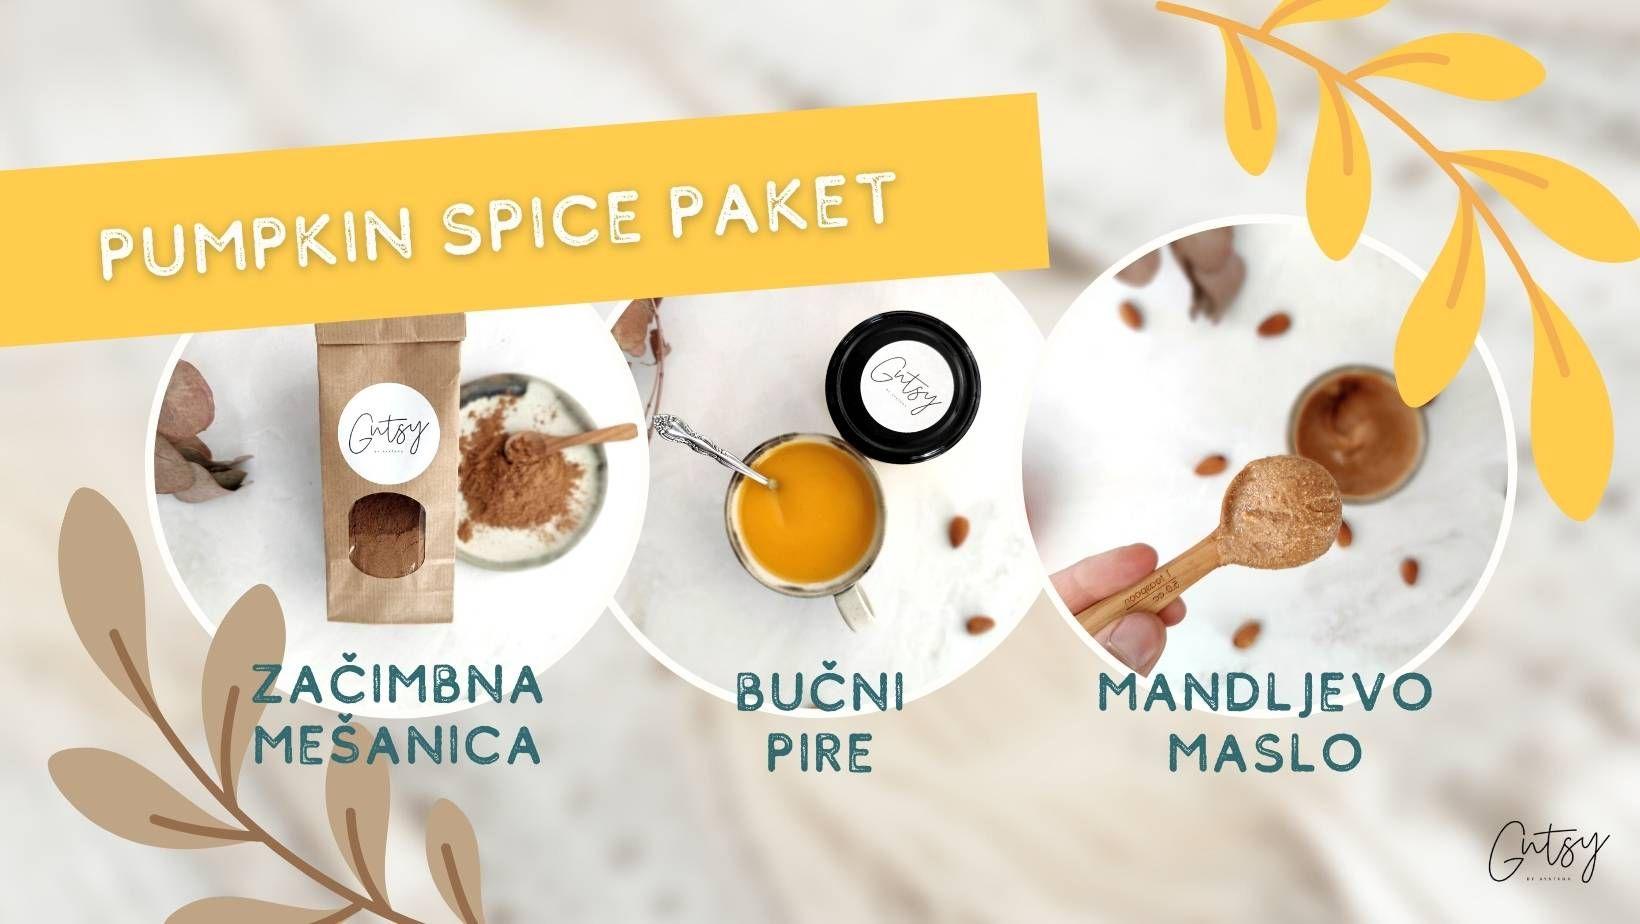 pumpkin spice paket